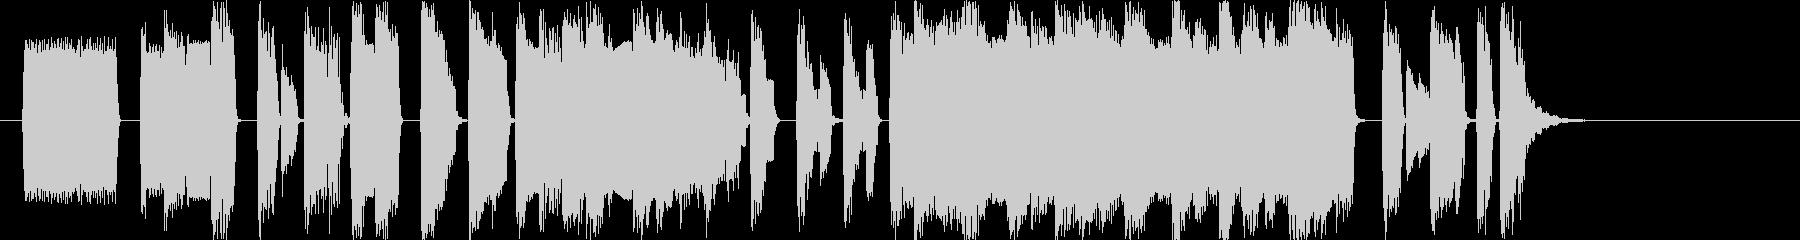 レトロなファミコン風マイナーBGMの未再生の波形